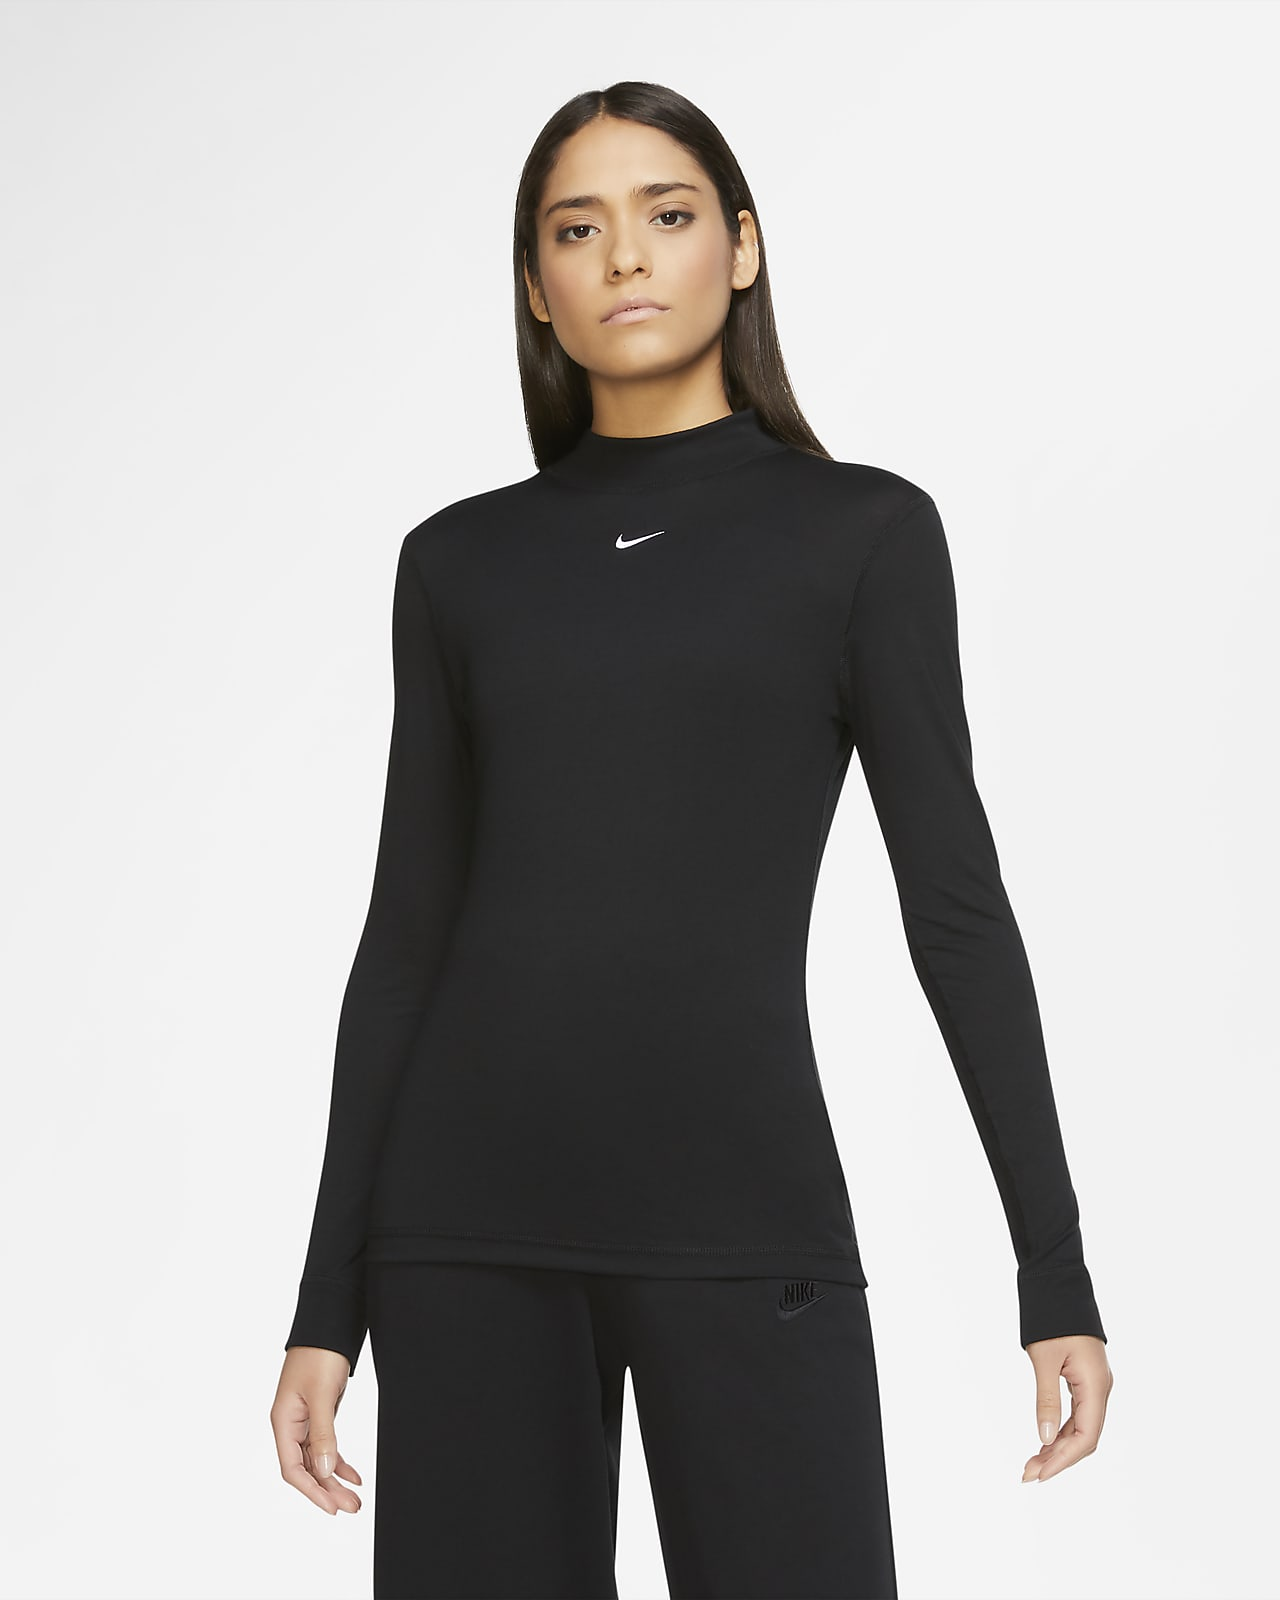 Nike Sportswear Women's Long-Sleeve Mock-Neck Top